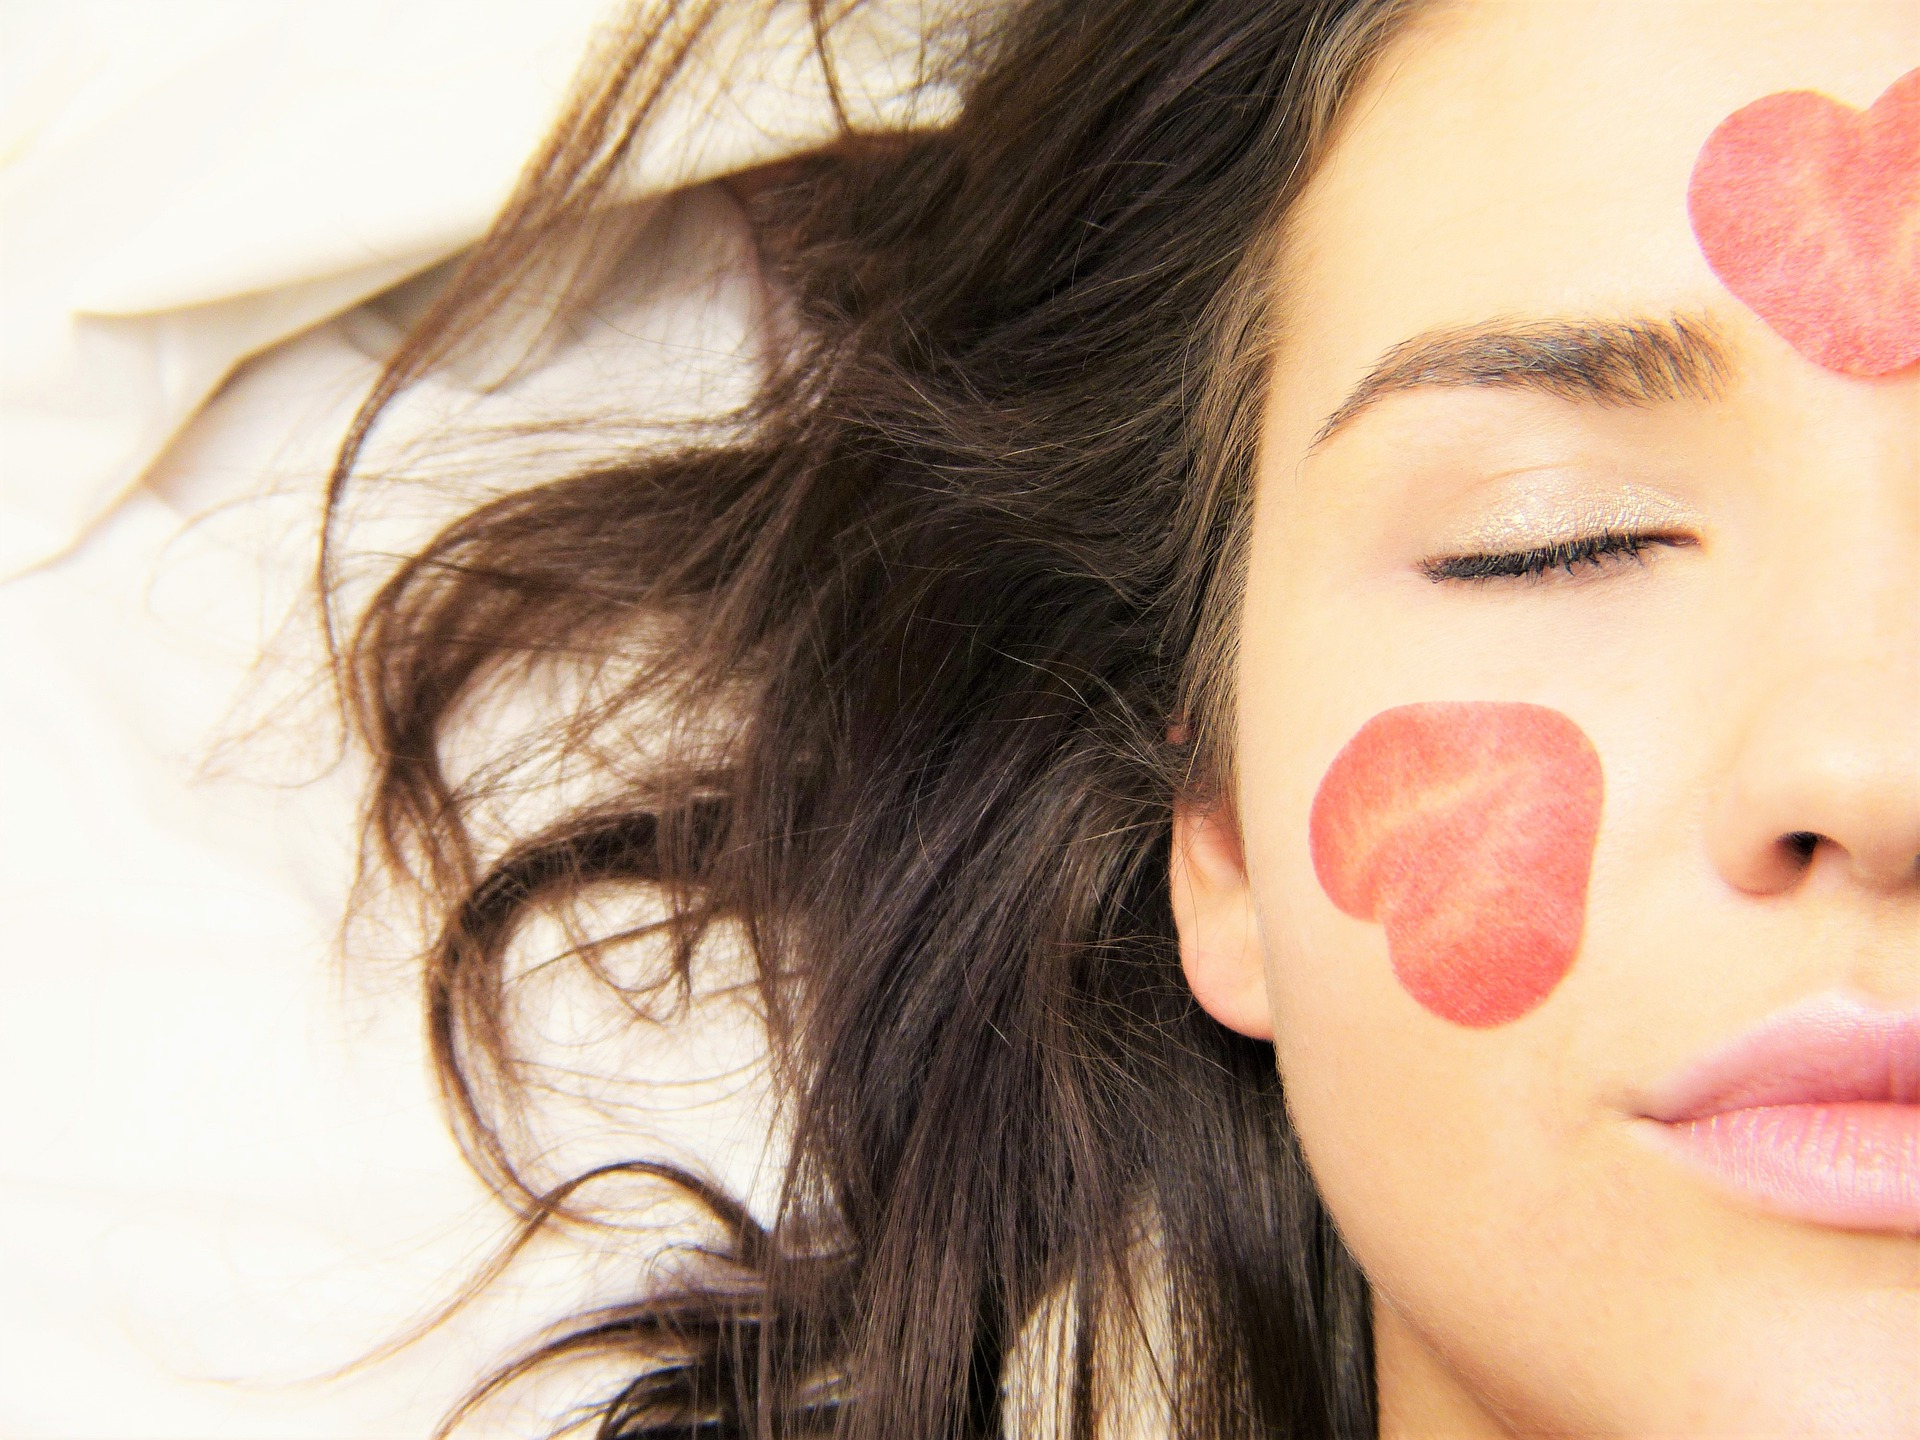 Mulher com pétalas de flor no rosto.